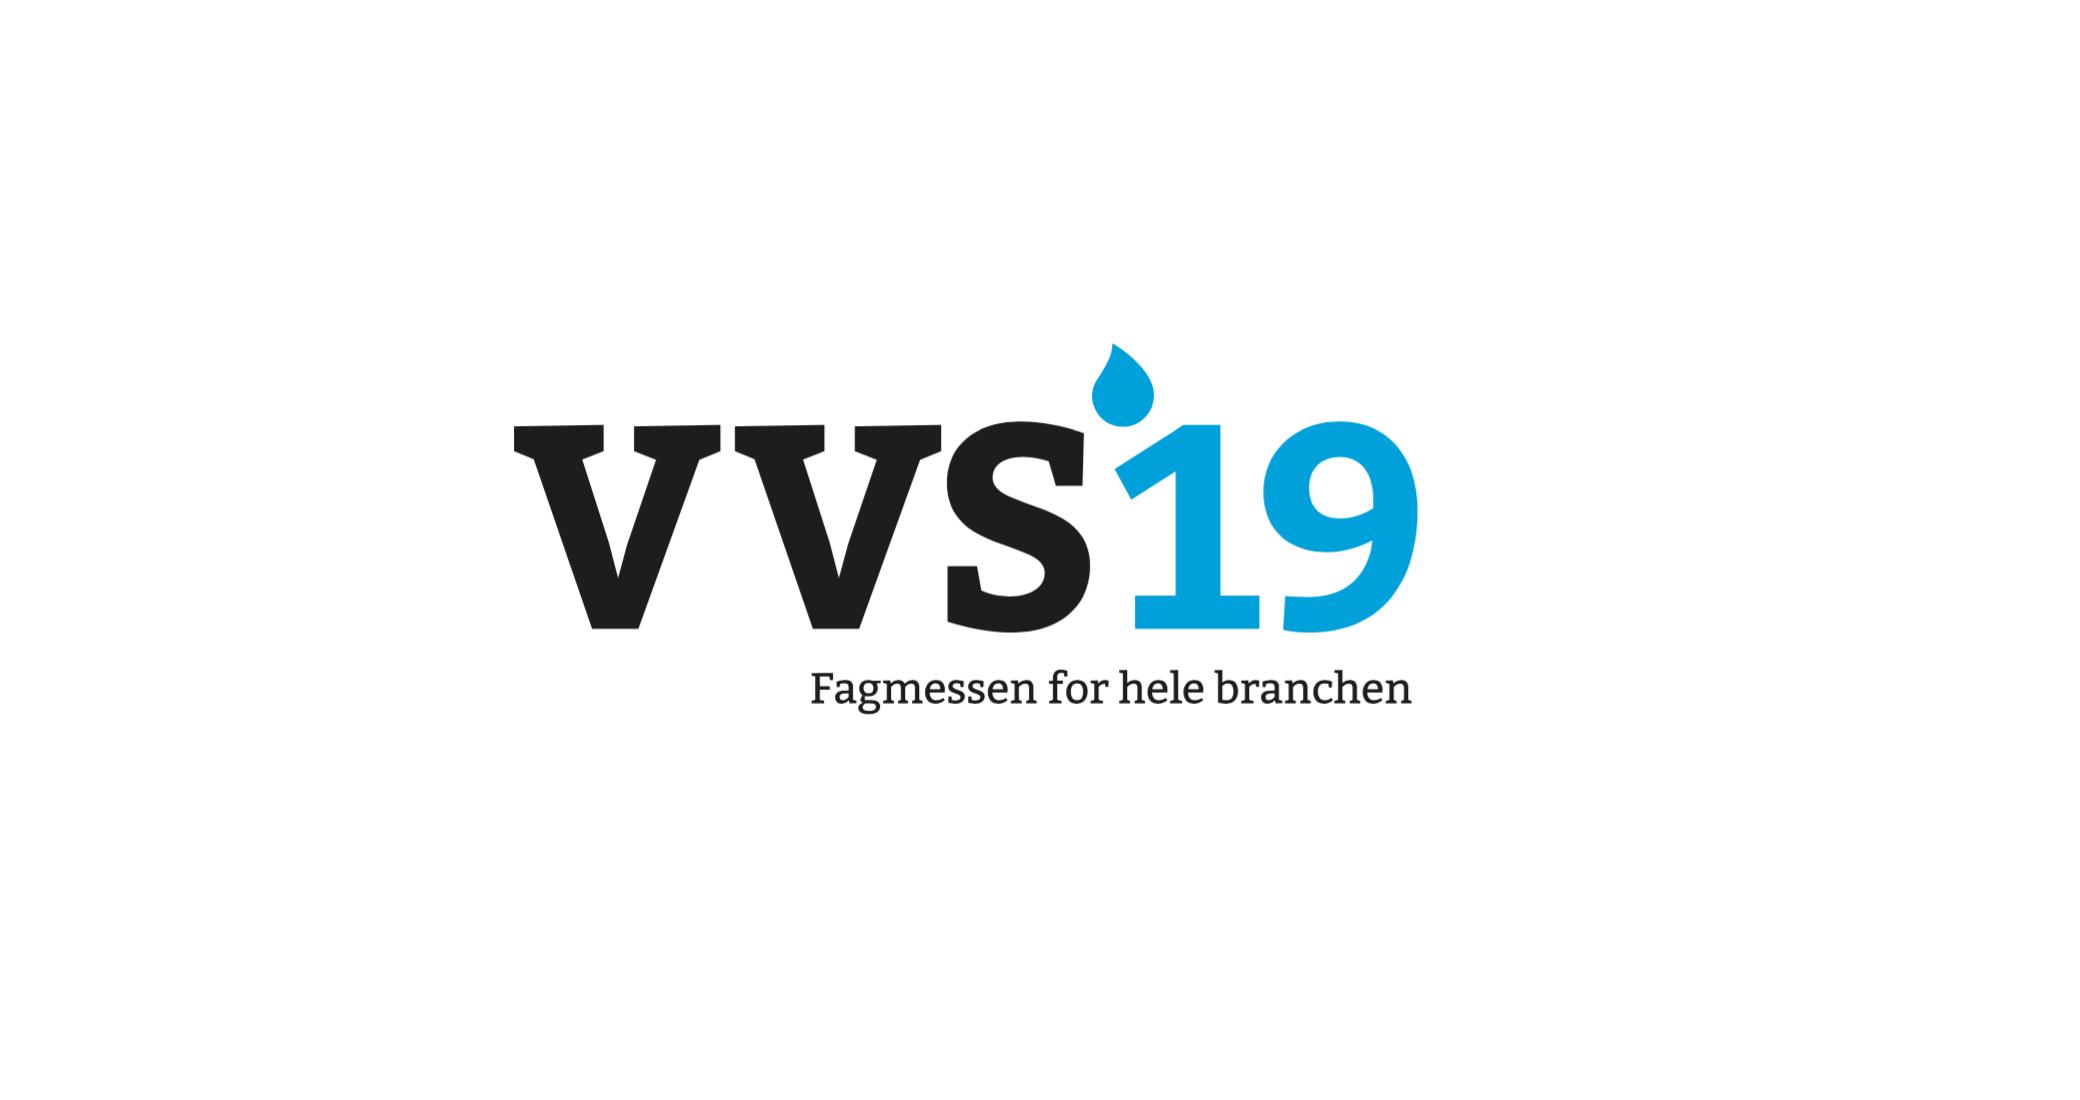 VVS19-logo